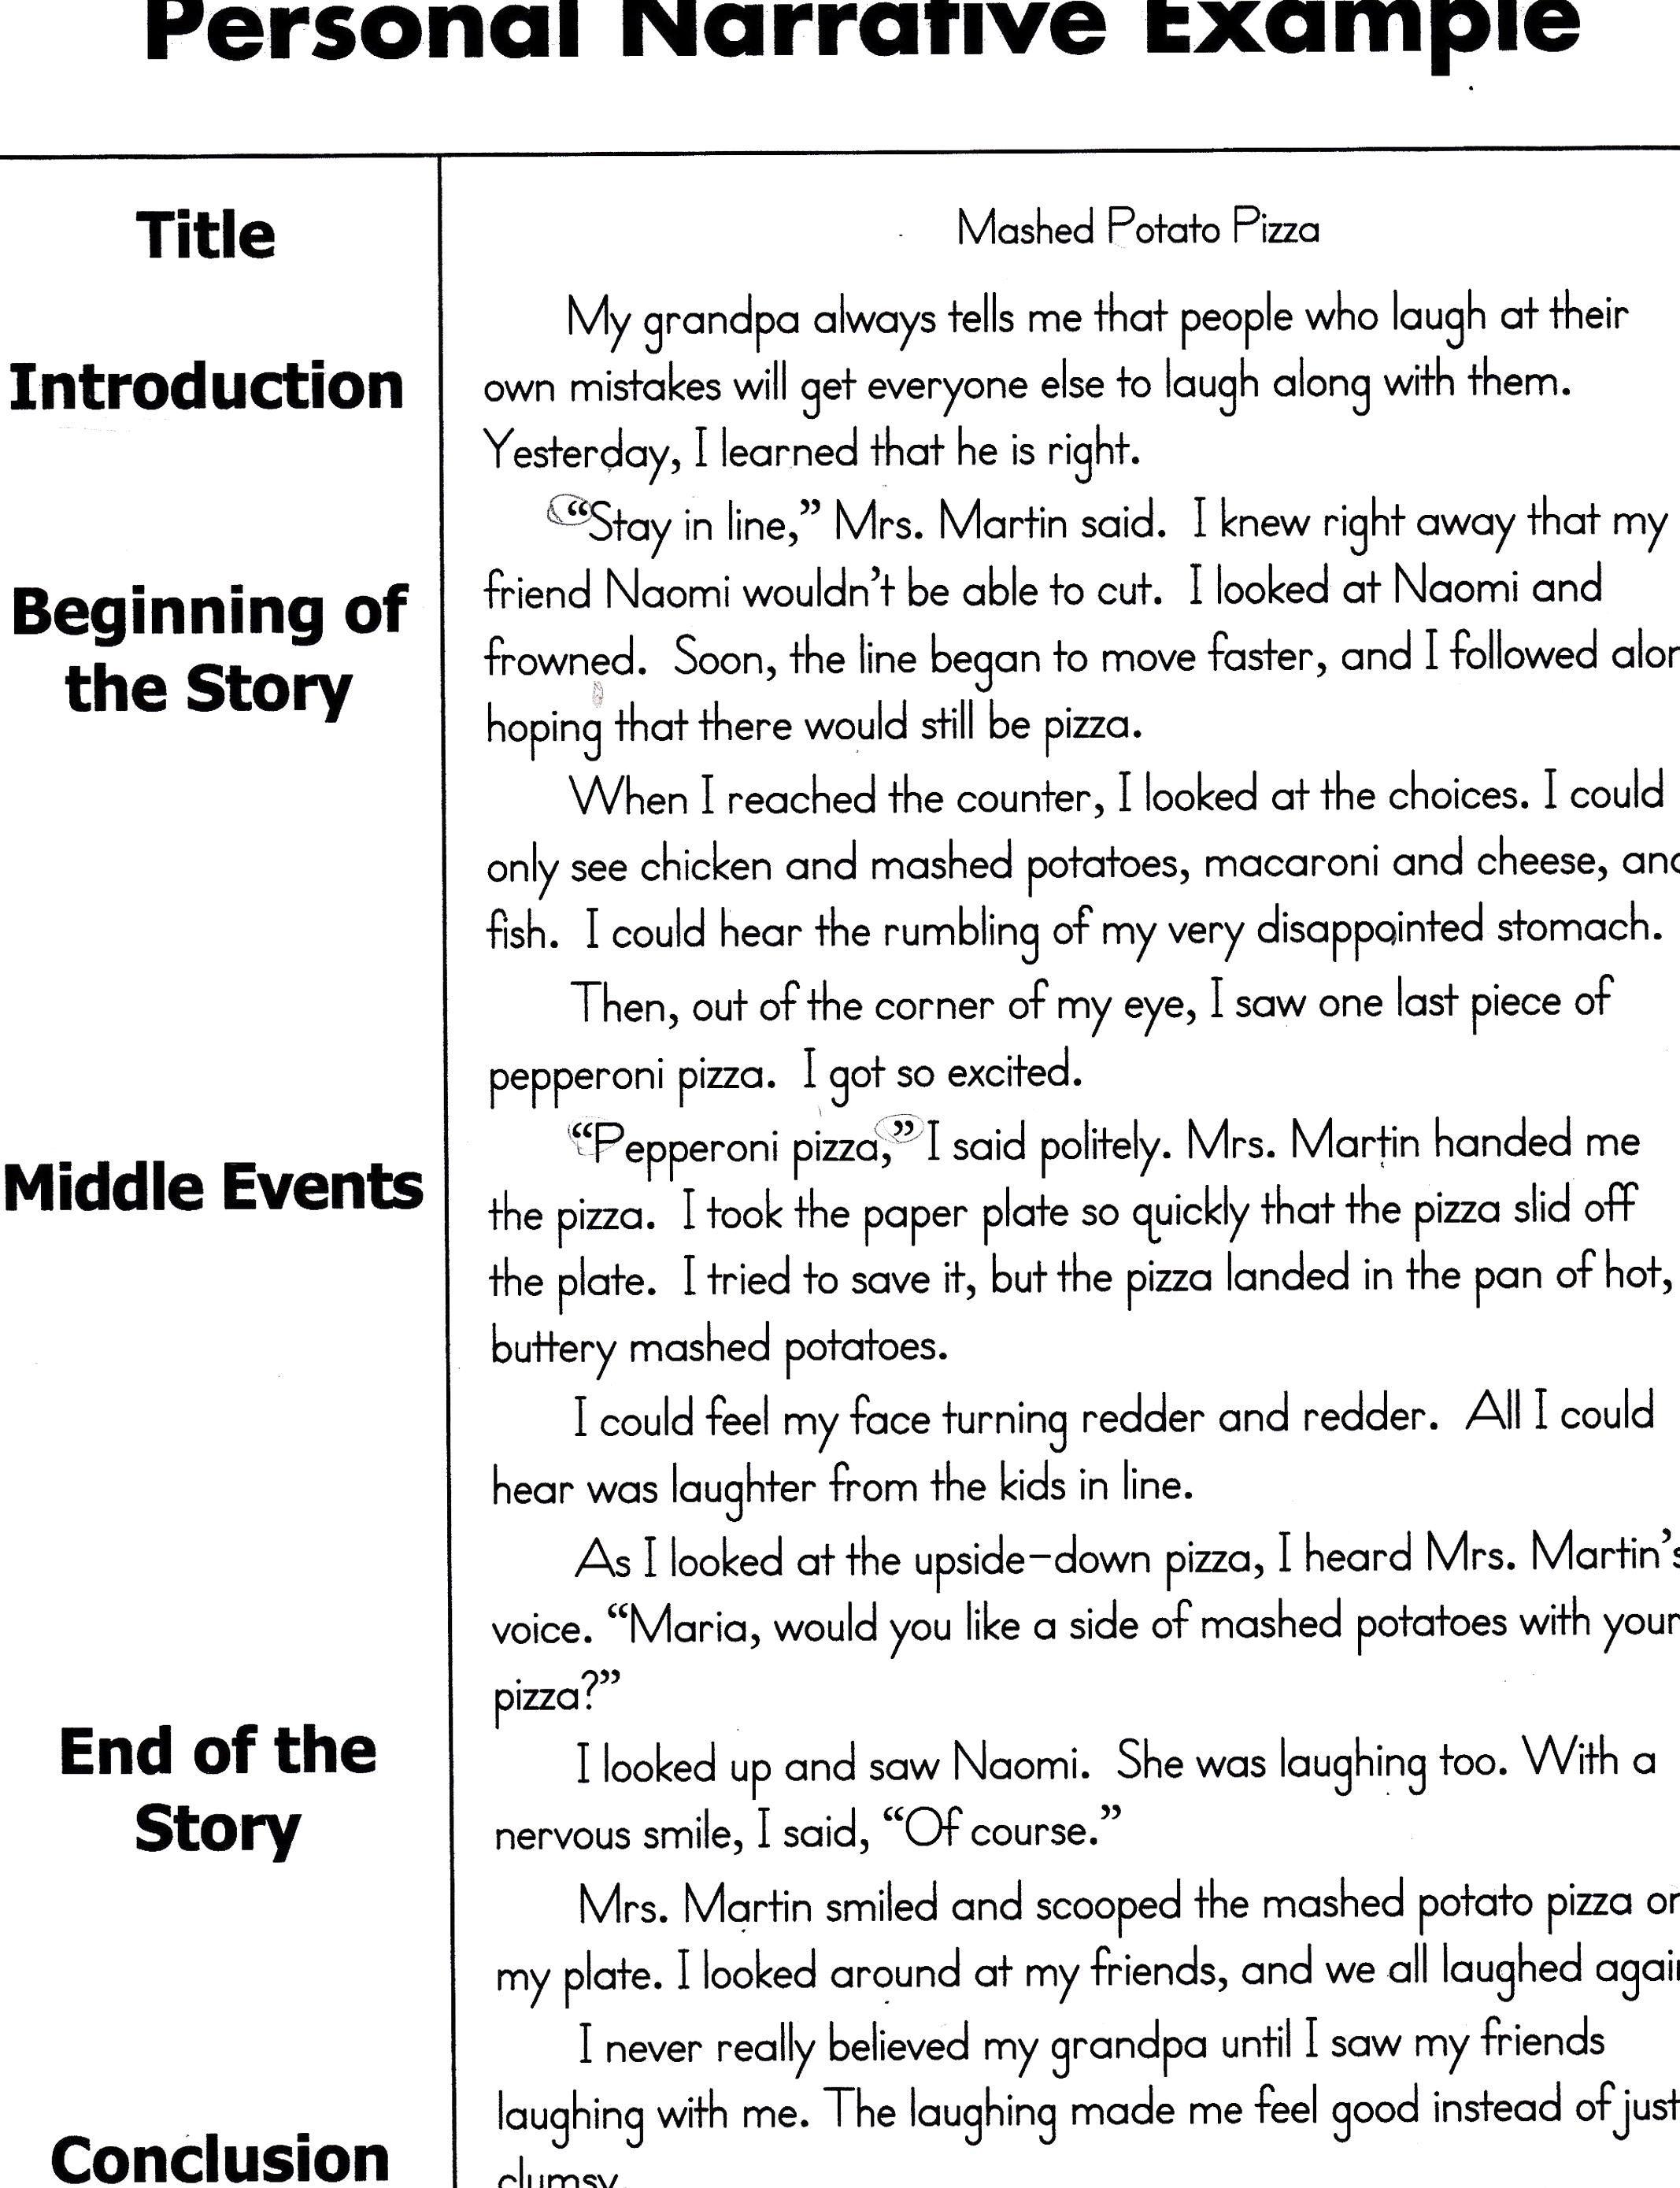 personal narrative essay examples grade 5